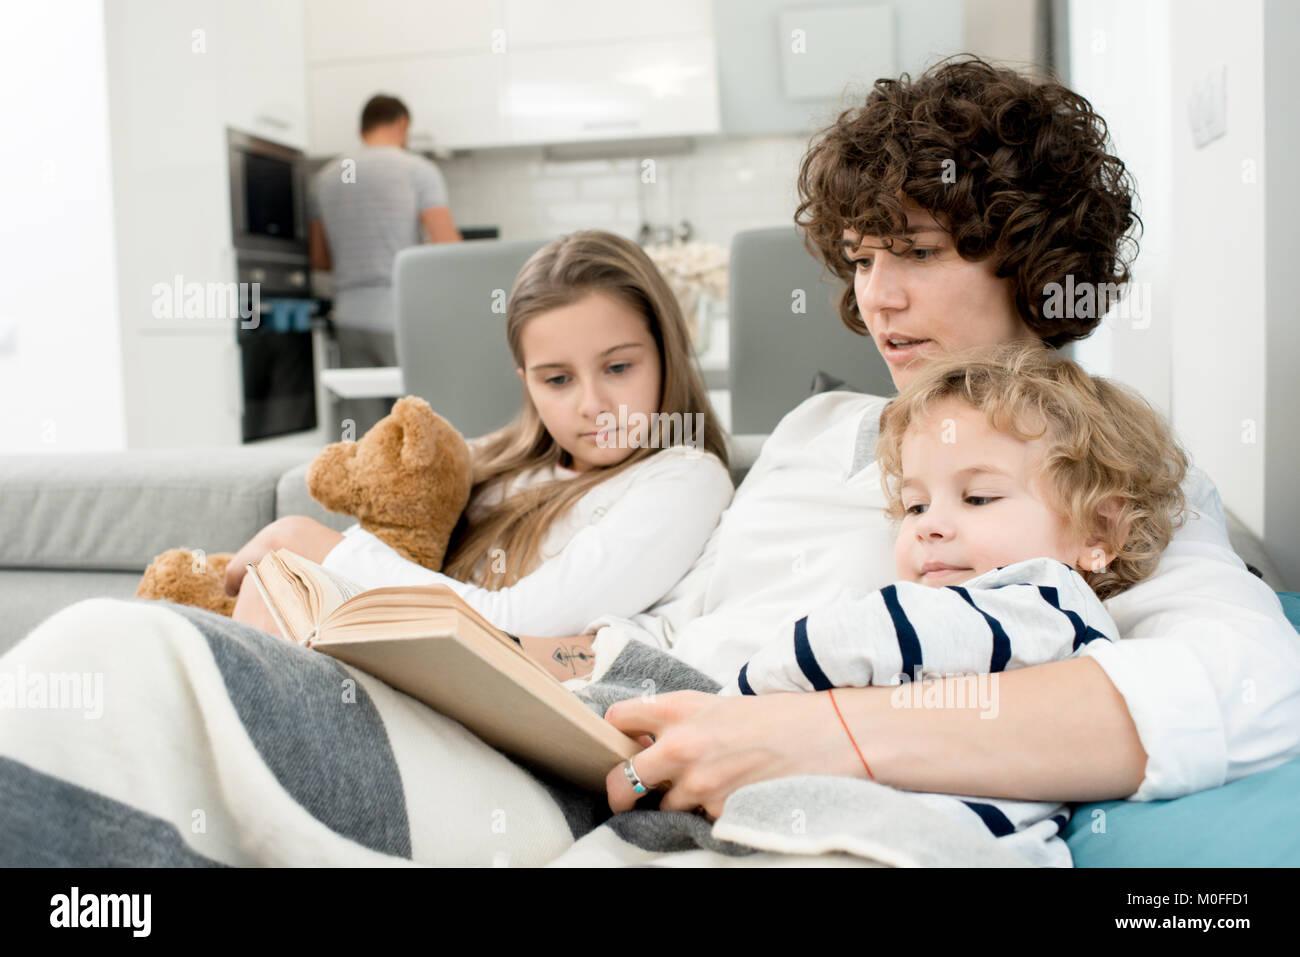 Loving Family Enjoying Weekend Together - Stock Image